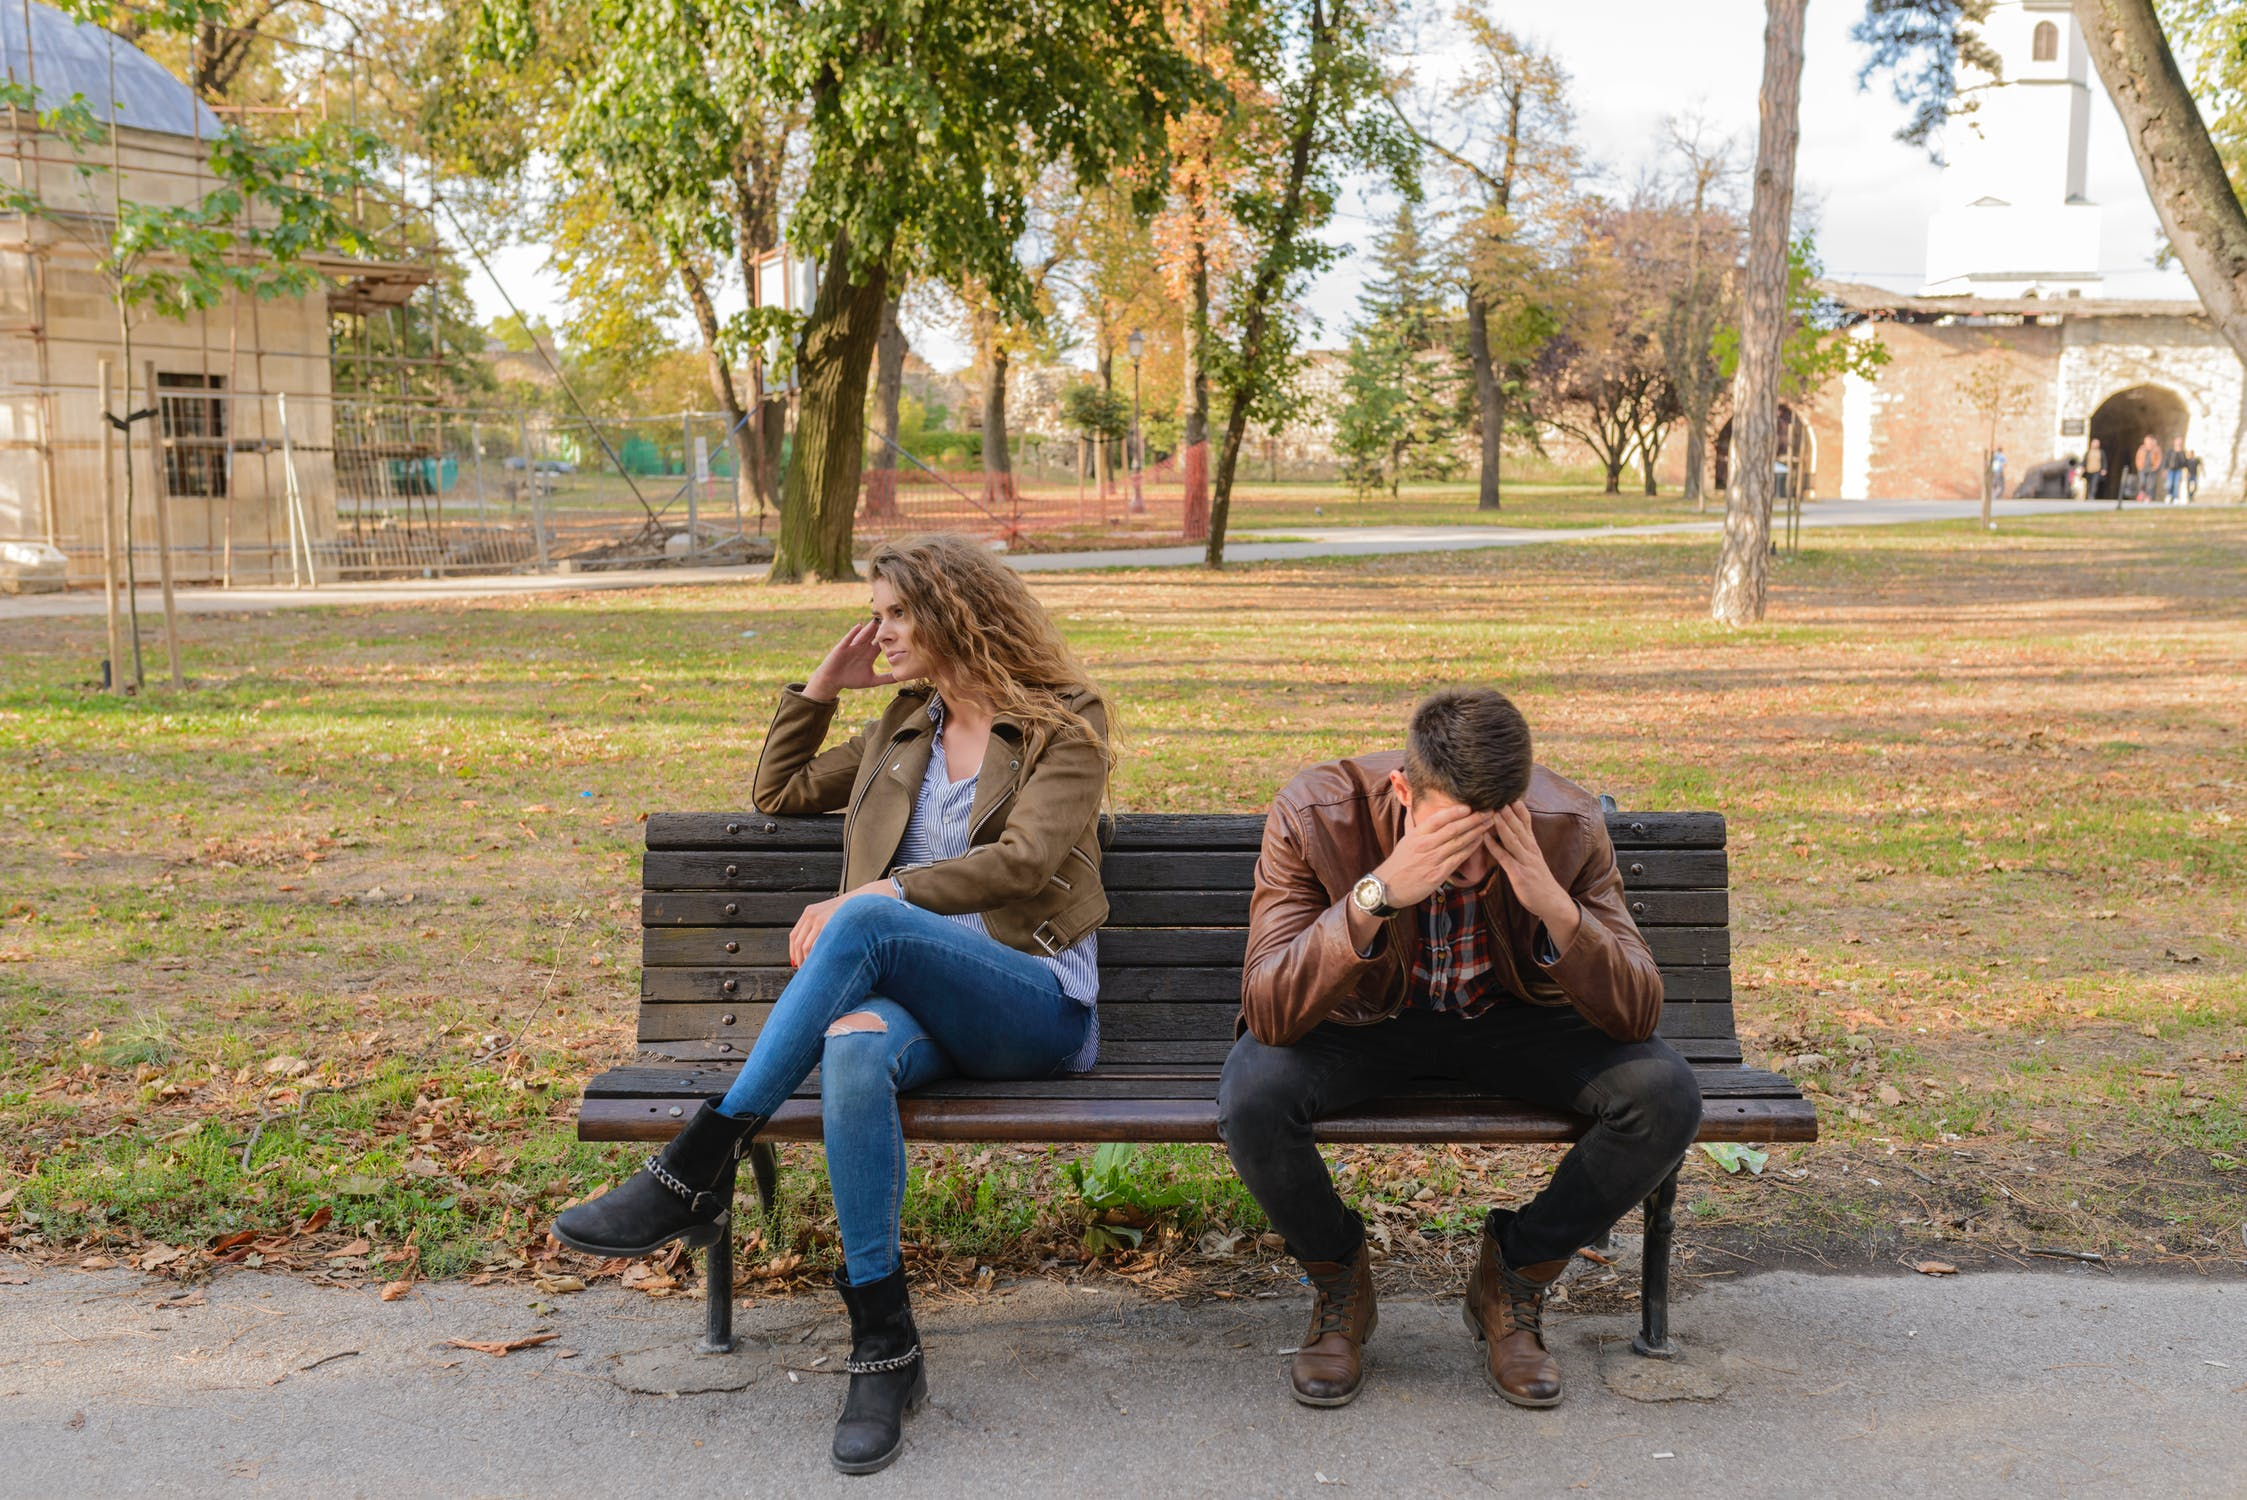 हार्मोनच्या कमी- जास्त होण्यामुळे लोकांमध्ये औदासिन्य आणि तणाव वाढतं आणि या सर्व गोष्टींचा राग जोडीदारावर काढला जातो.